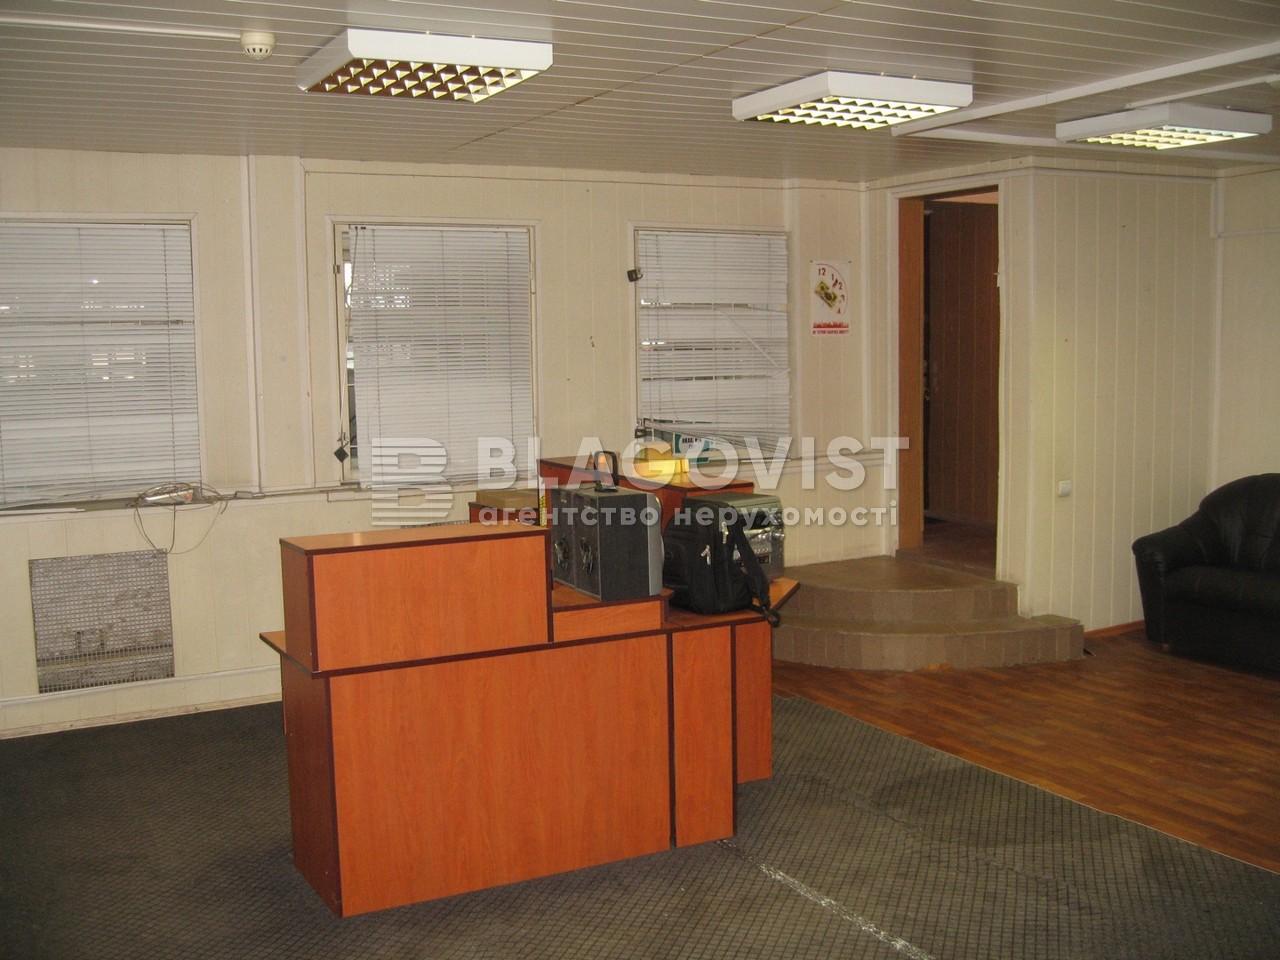 Нежилое помещение, H-25647, Щекавицкая, Киев - Фото 4